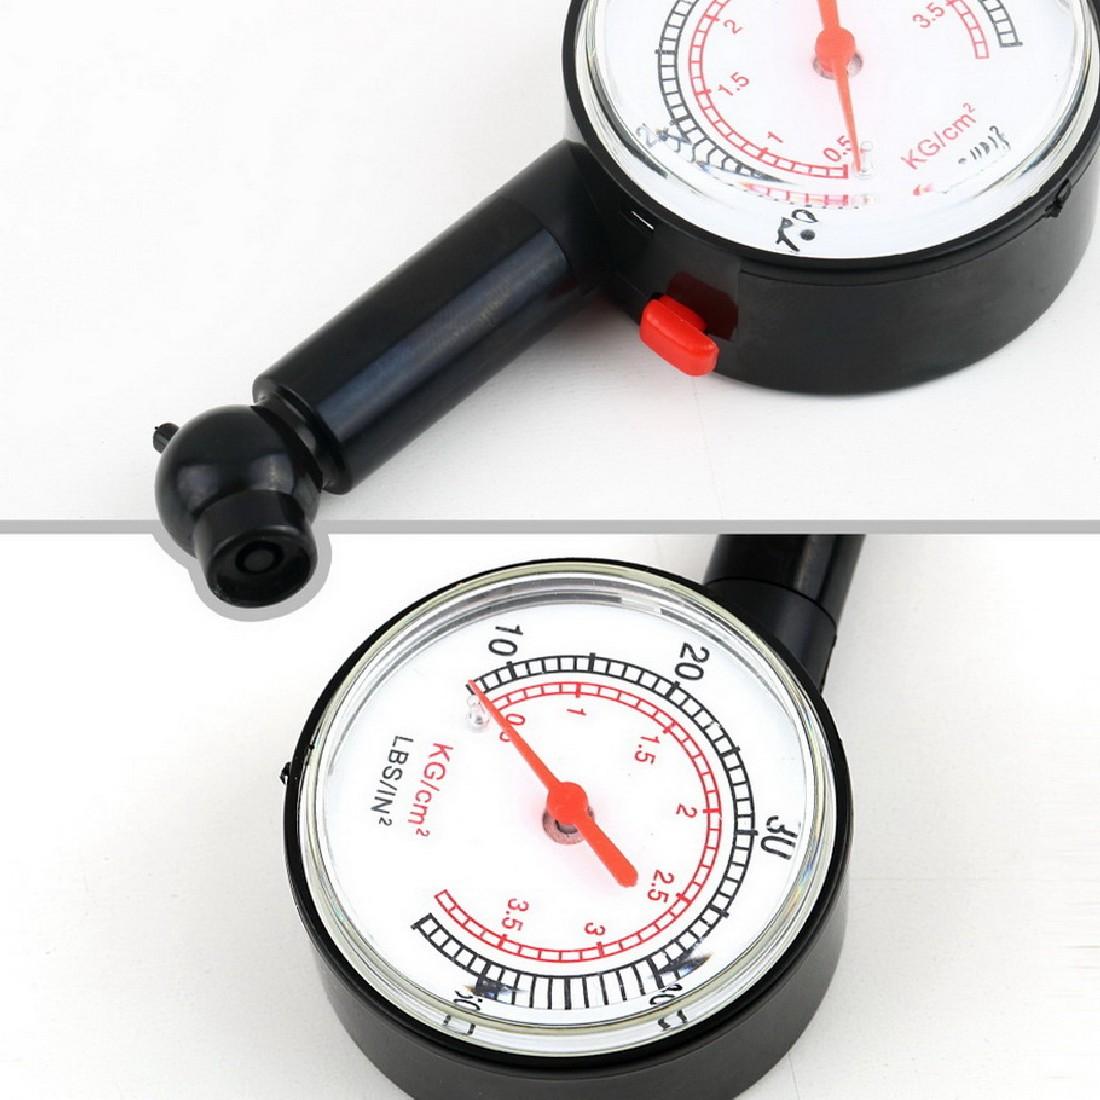 새로운 미터 타이어 압력 게이지 자동 자동차 자전거 모터 타이어 공기 압력 게이지 미터 차량 테스터 모니터링 시스템